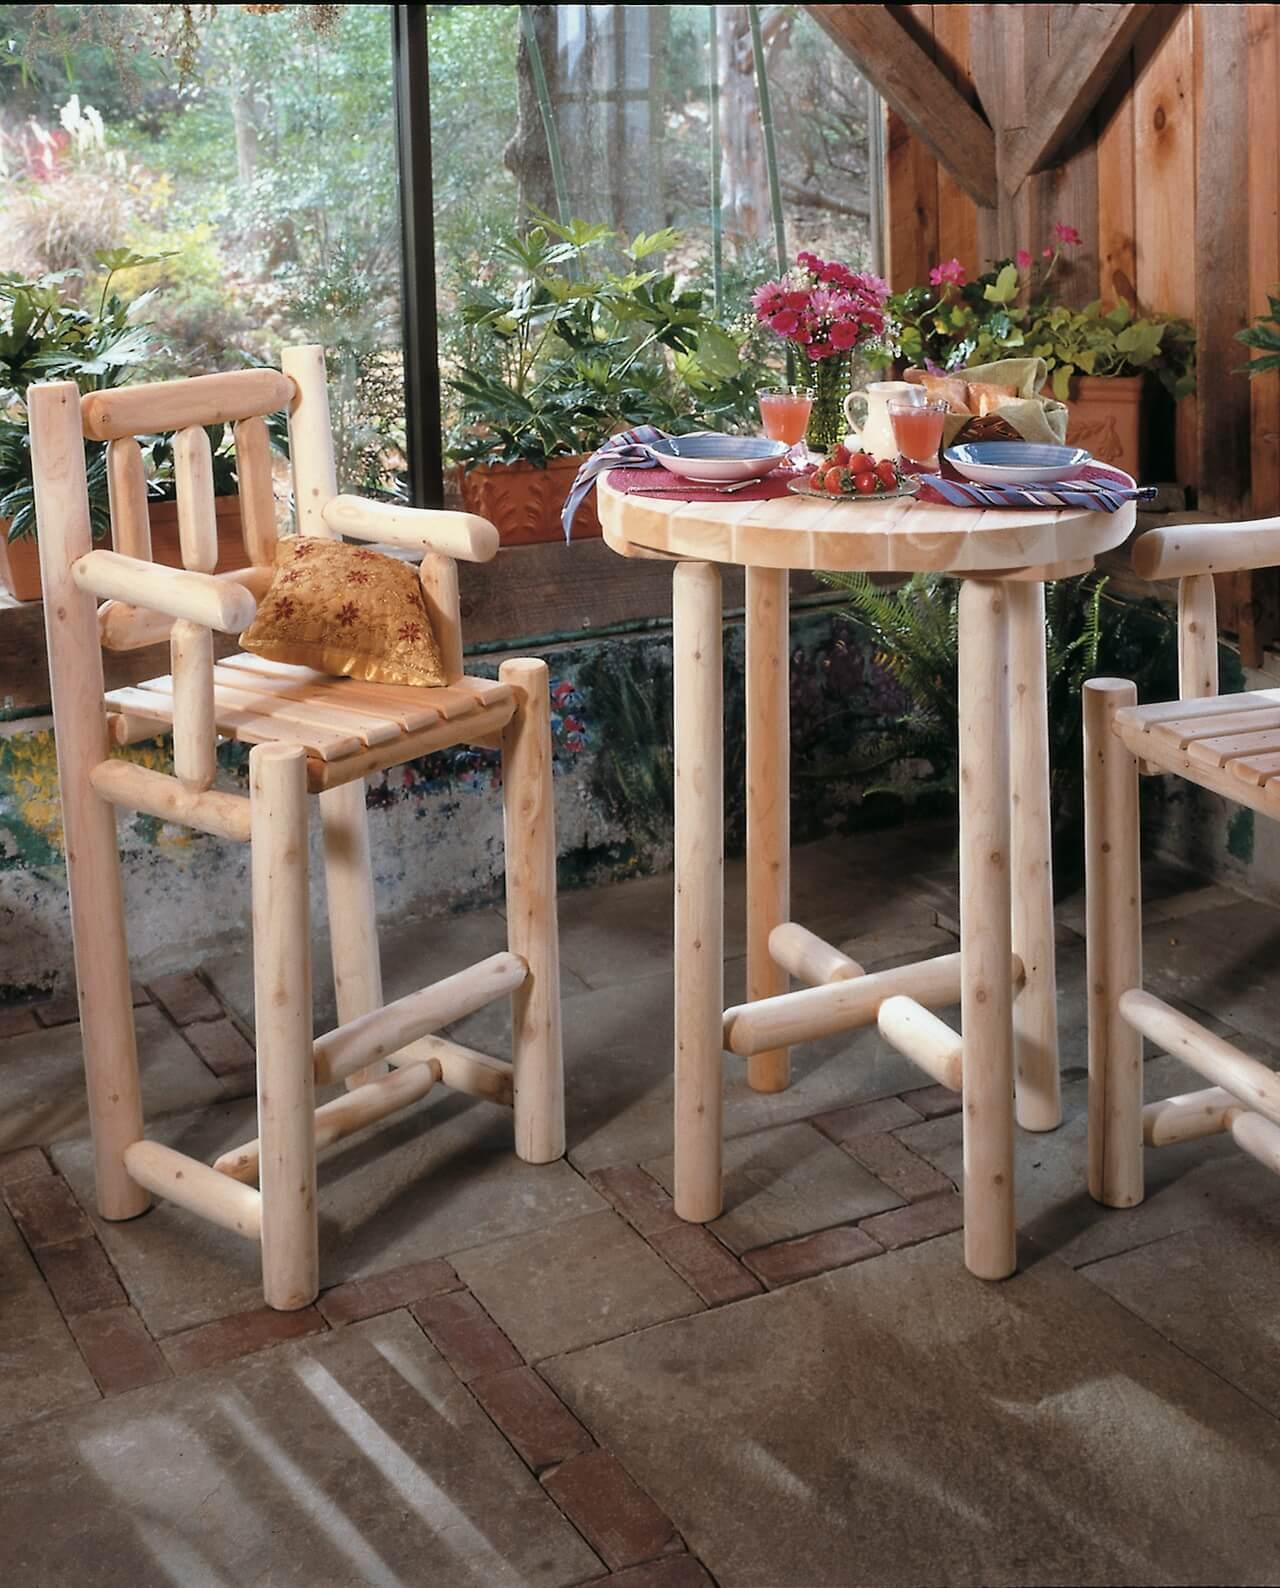 hautes ikea chien qui mange debout le jardin des animaux youtube chai. Black Bedroom Furniture Sets. Home Design Ideas